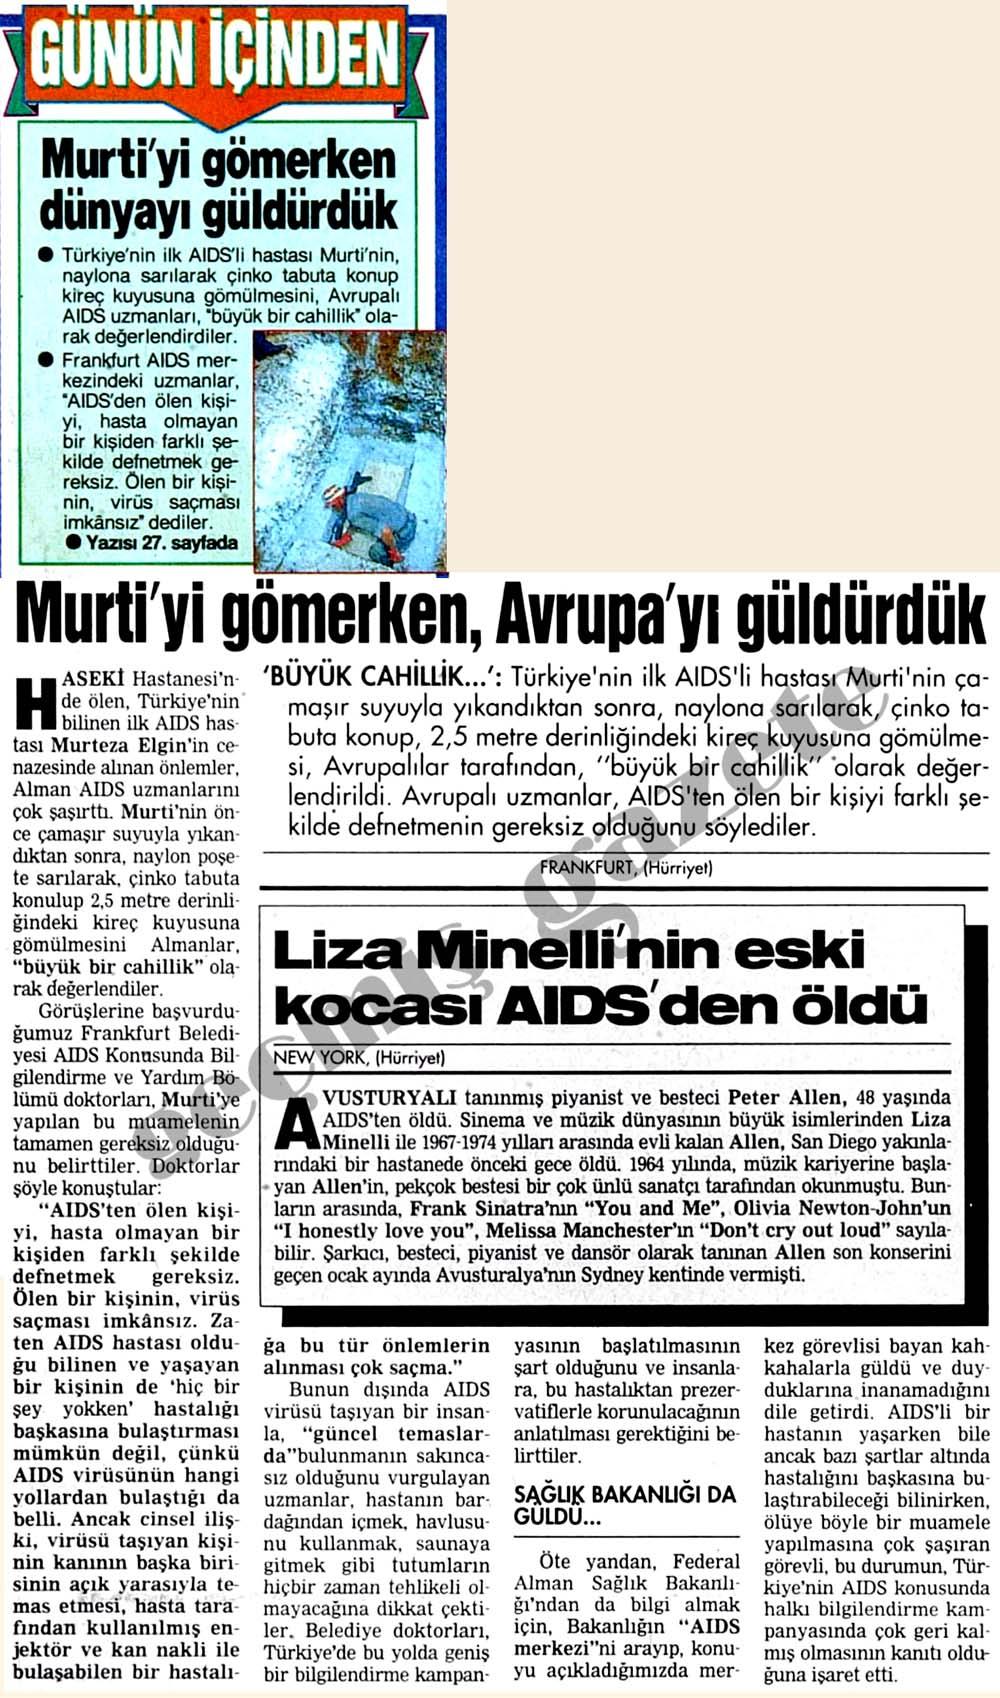 Murti'yi gömerken, Avrupa'yı güldürdük